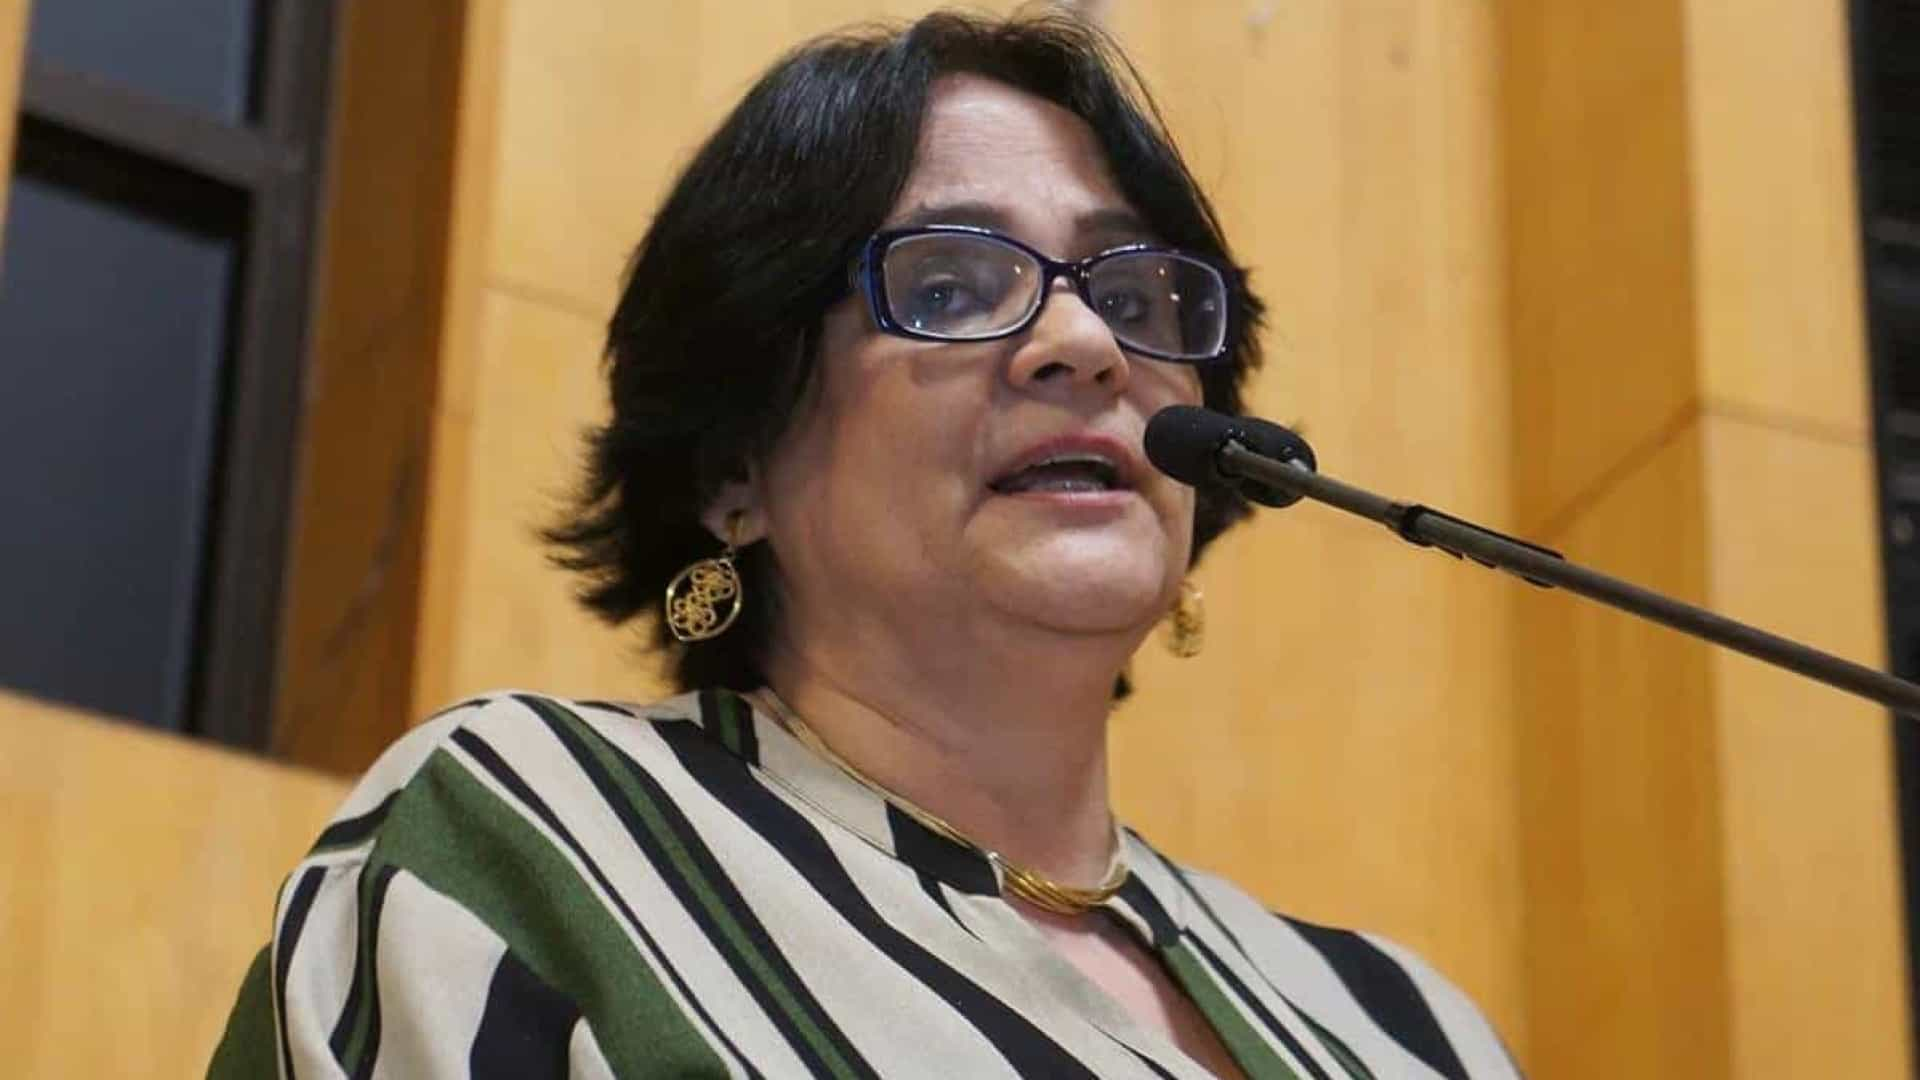 Governo 'zera' repasses a programa de combate à violência contra mulher